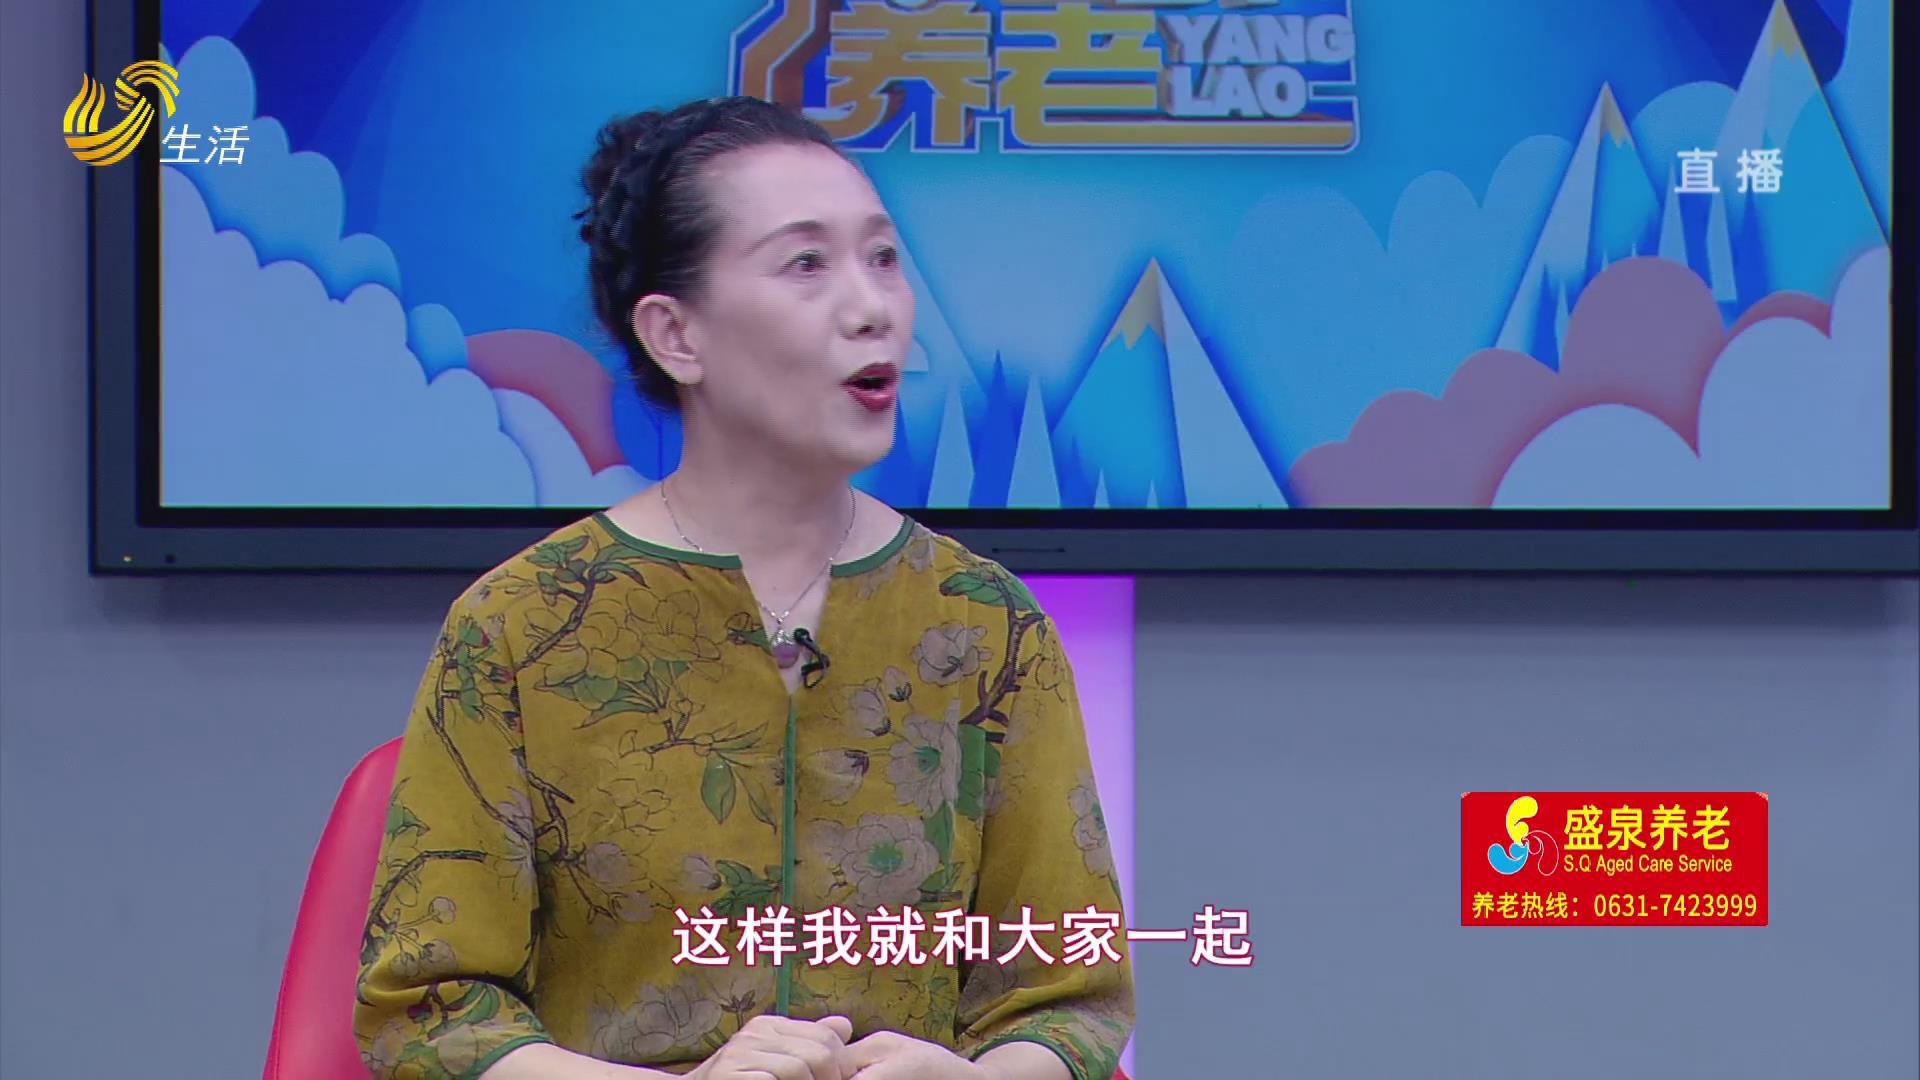 中国式养老-从抑郁中绽放斑斓的模特团长